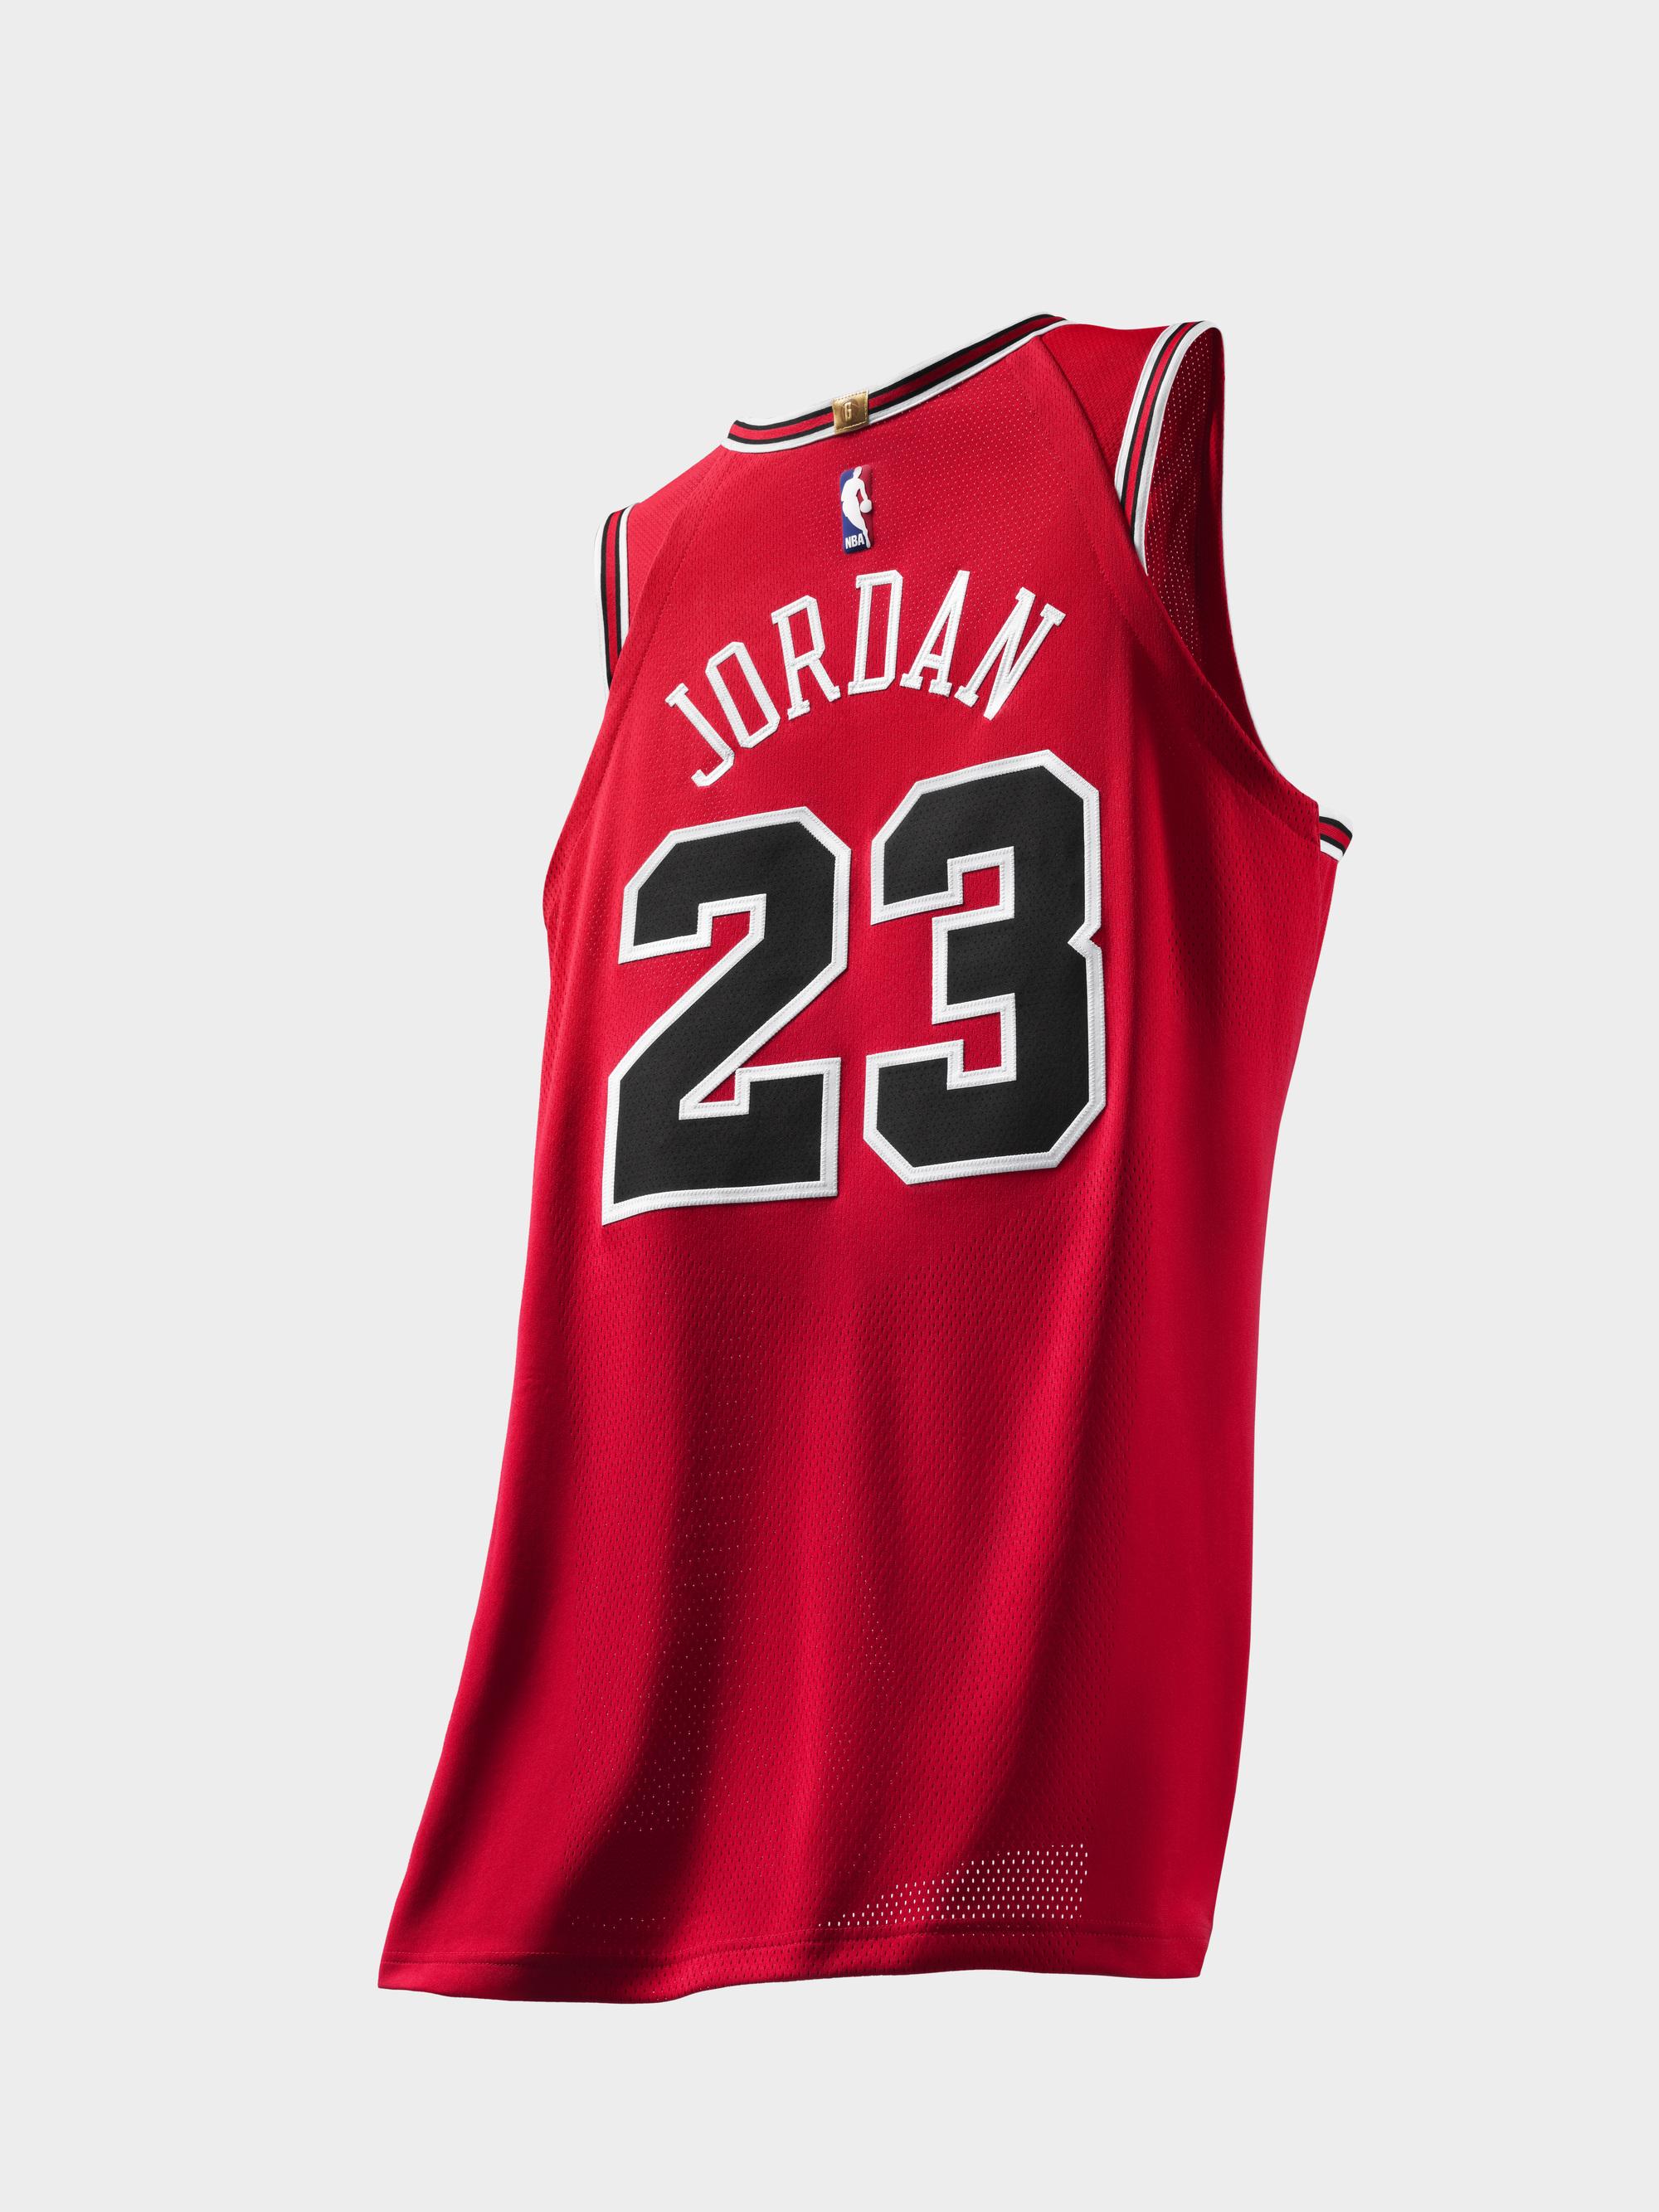 Michael Jordan authentic jersey last shot 3